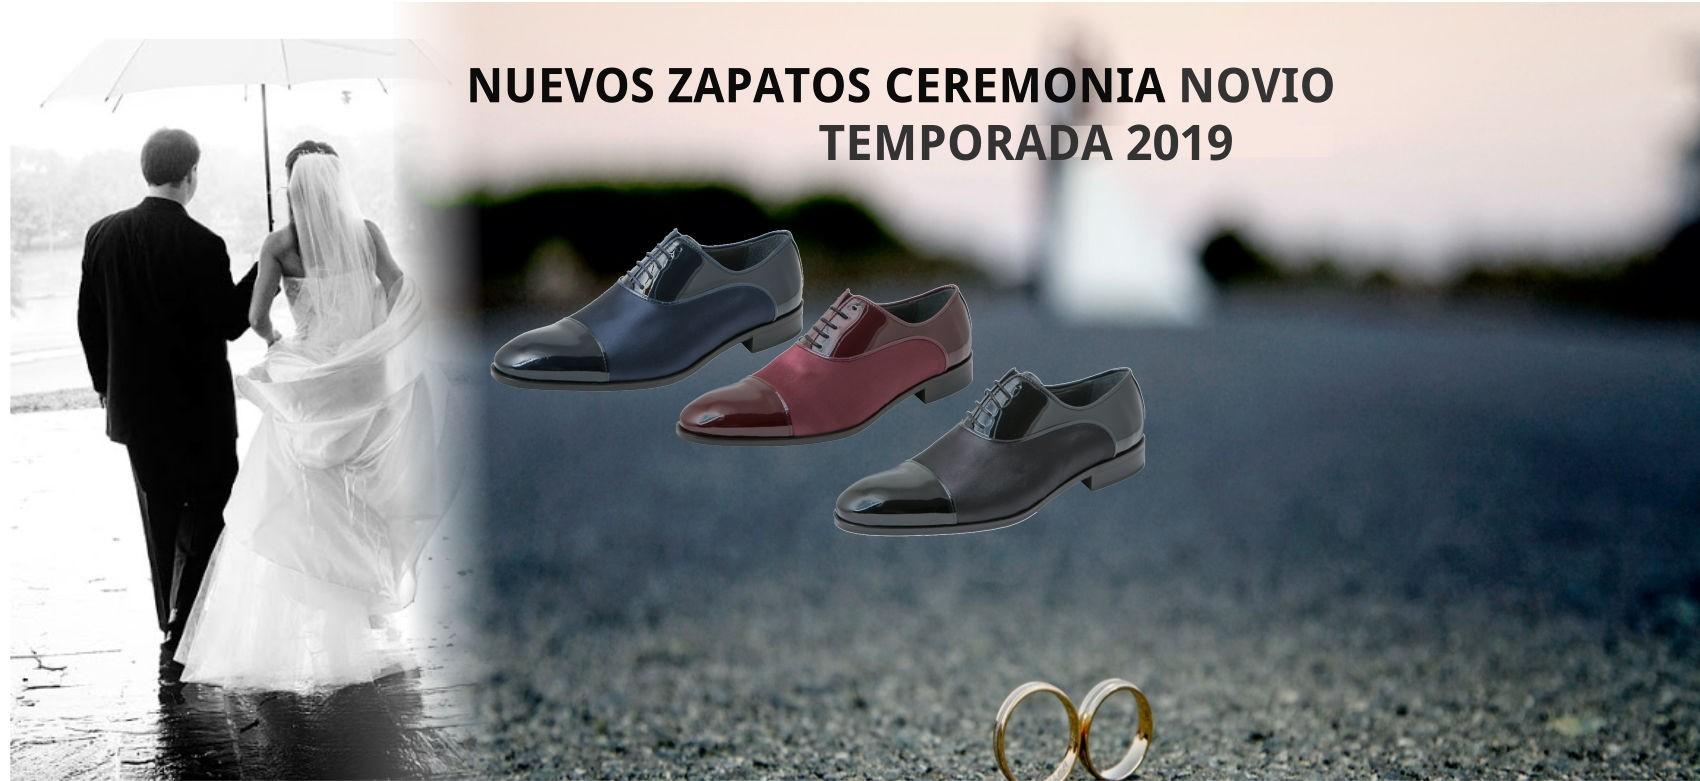 Tienda Online Zapatos de Piel Alta Calidad y Confort hechos en España 37958c7aba1ba